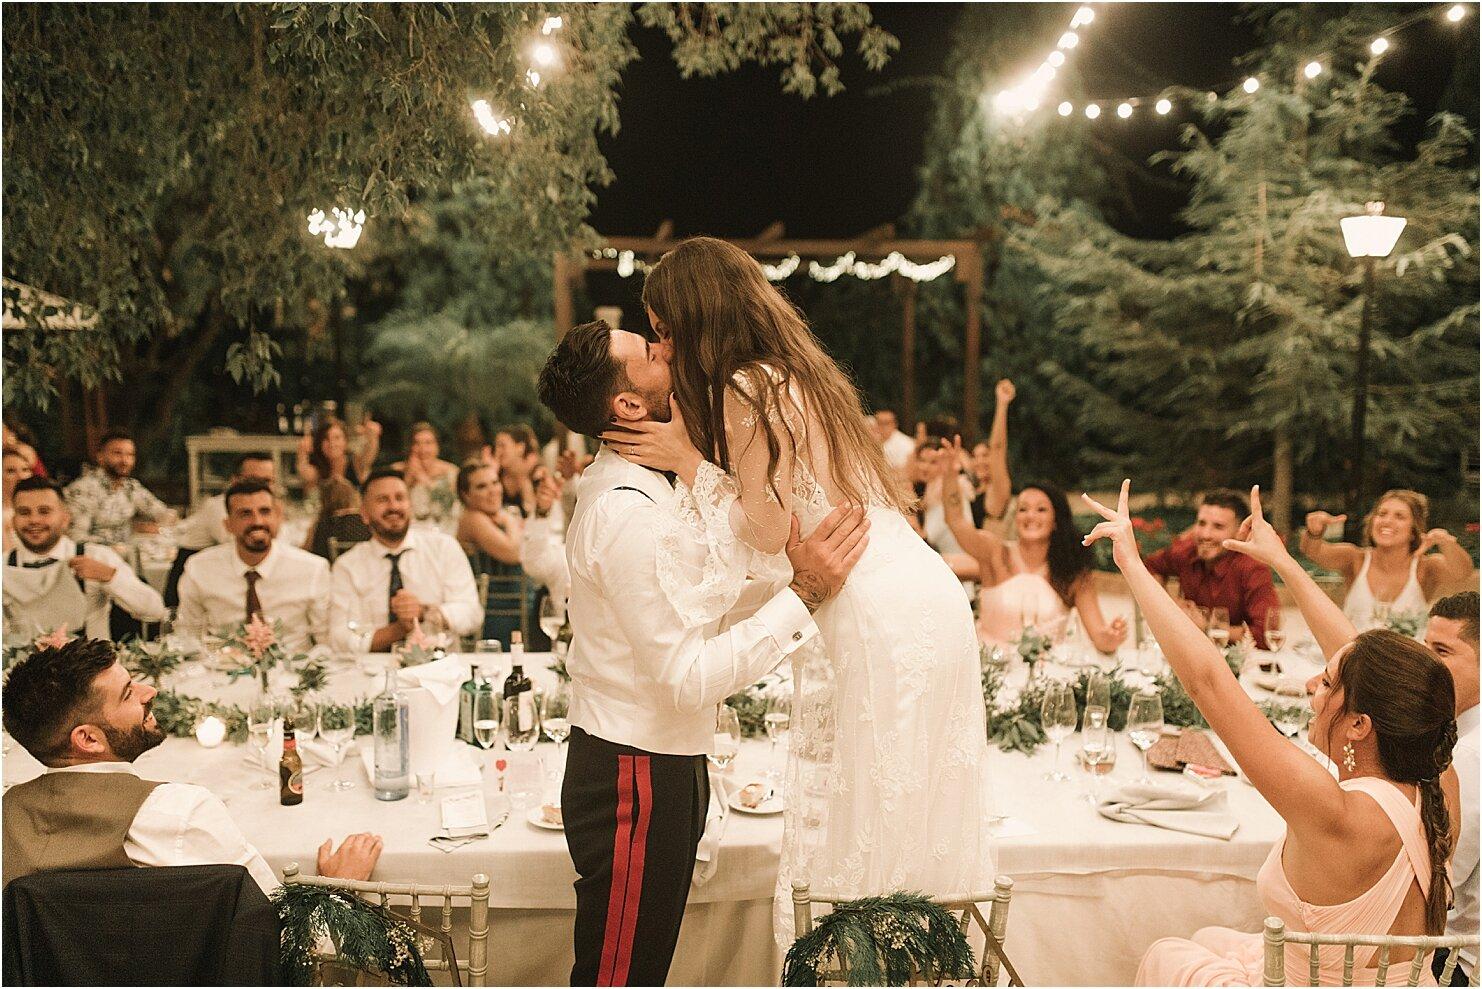 boda-romantica-boda-boho-vestido-de-novia-laura-lomas92.jpg